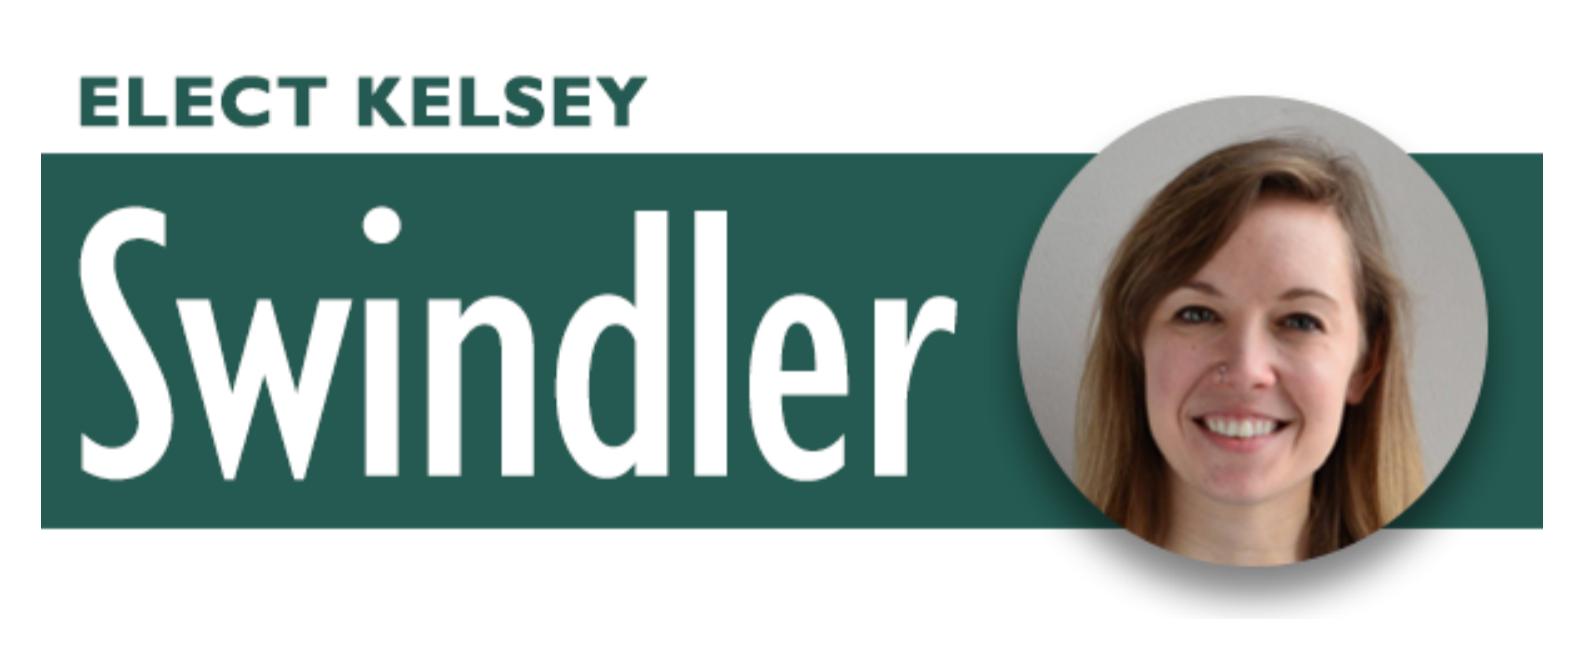 Kelsey Swindler